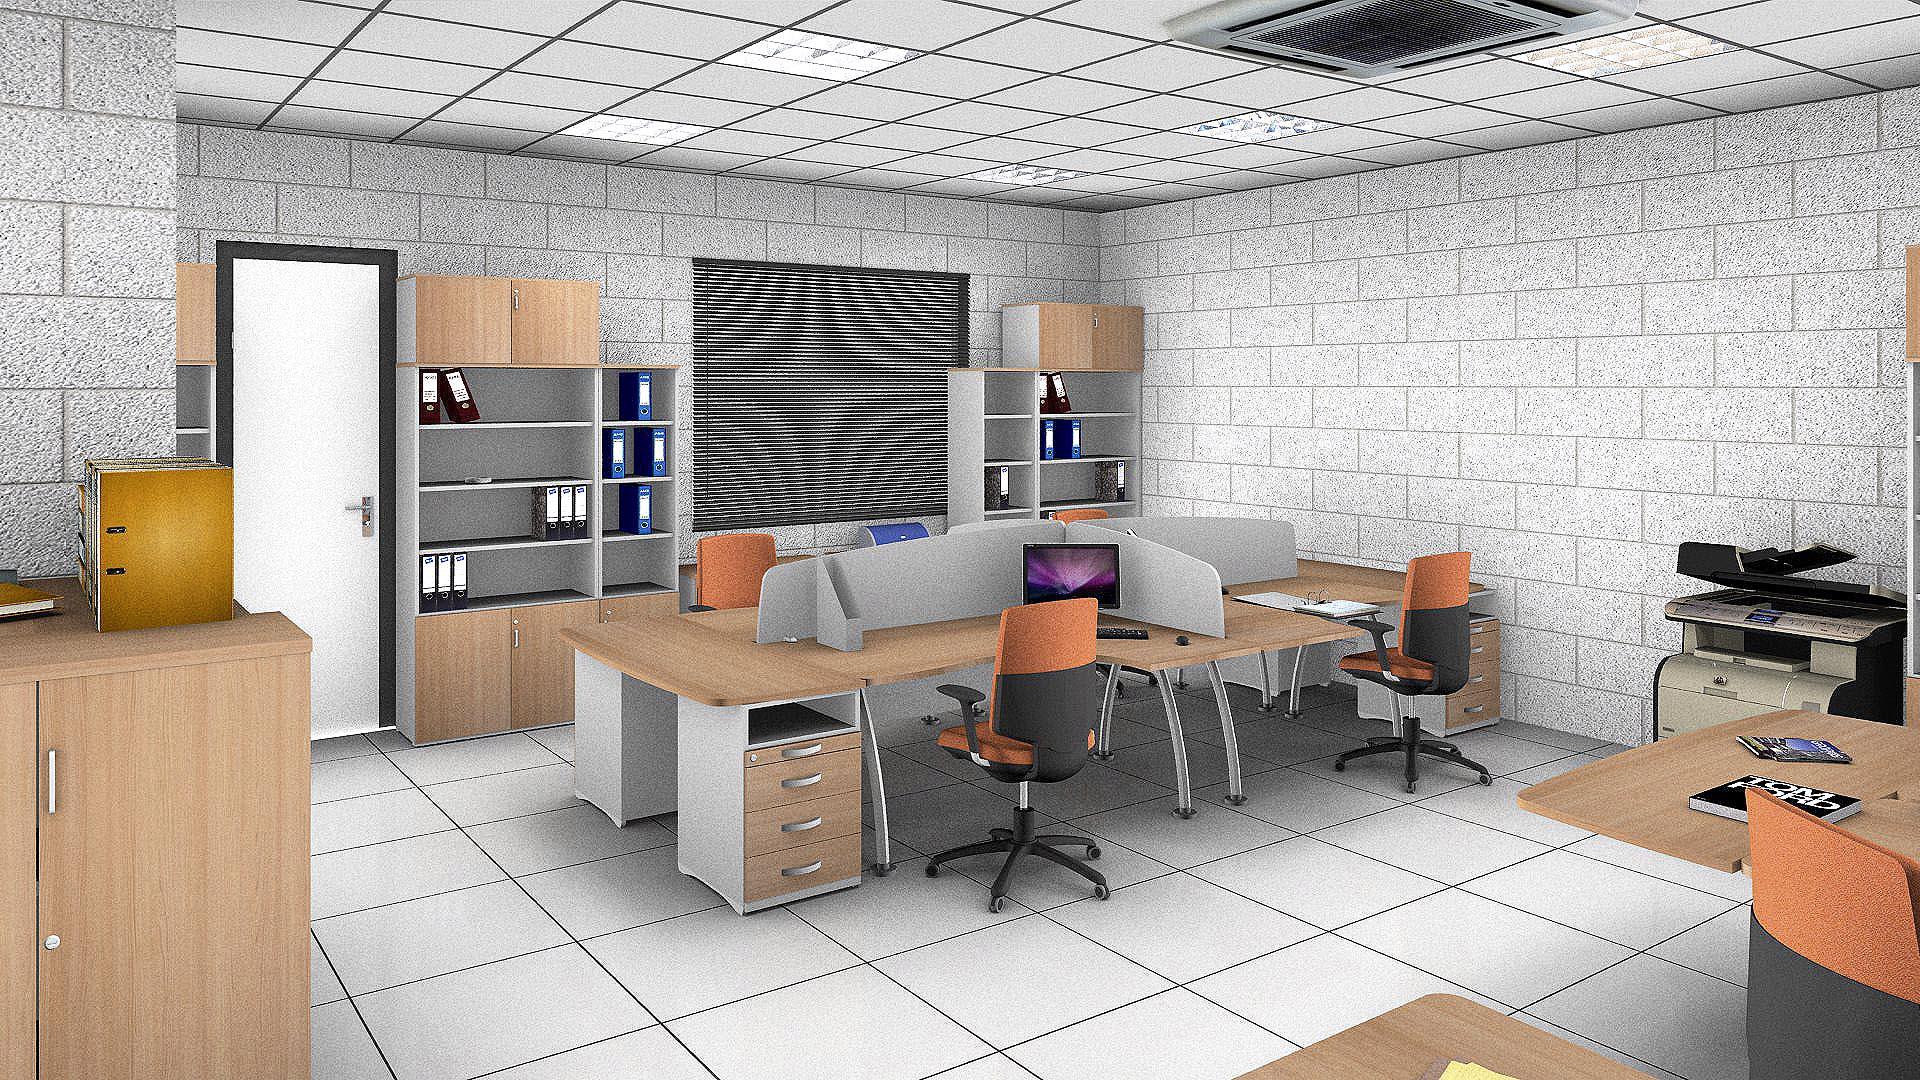 Actiu participa en una experiencia pionera para adaptar su for Muebles de oficina volumen